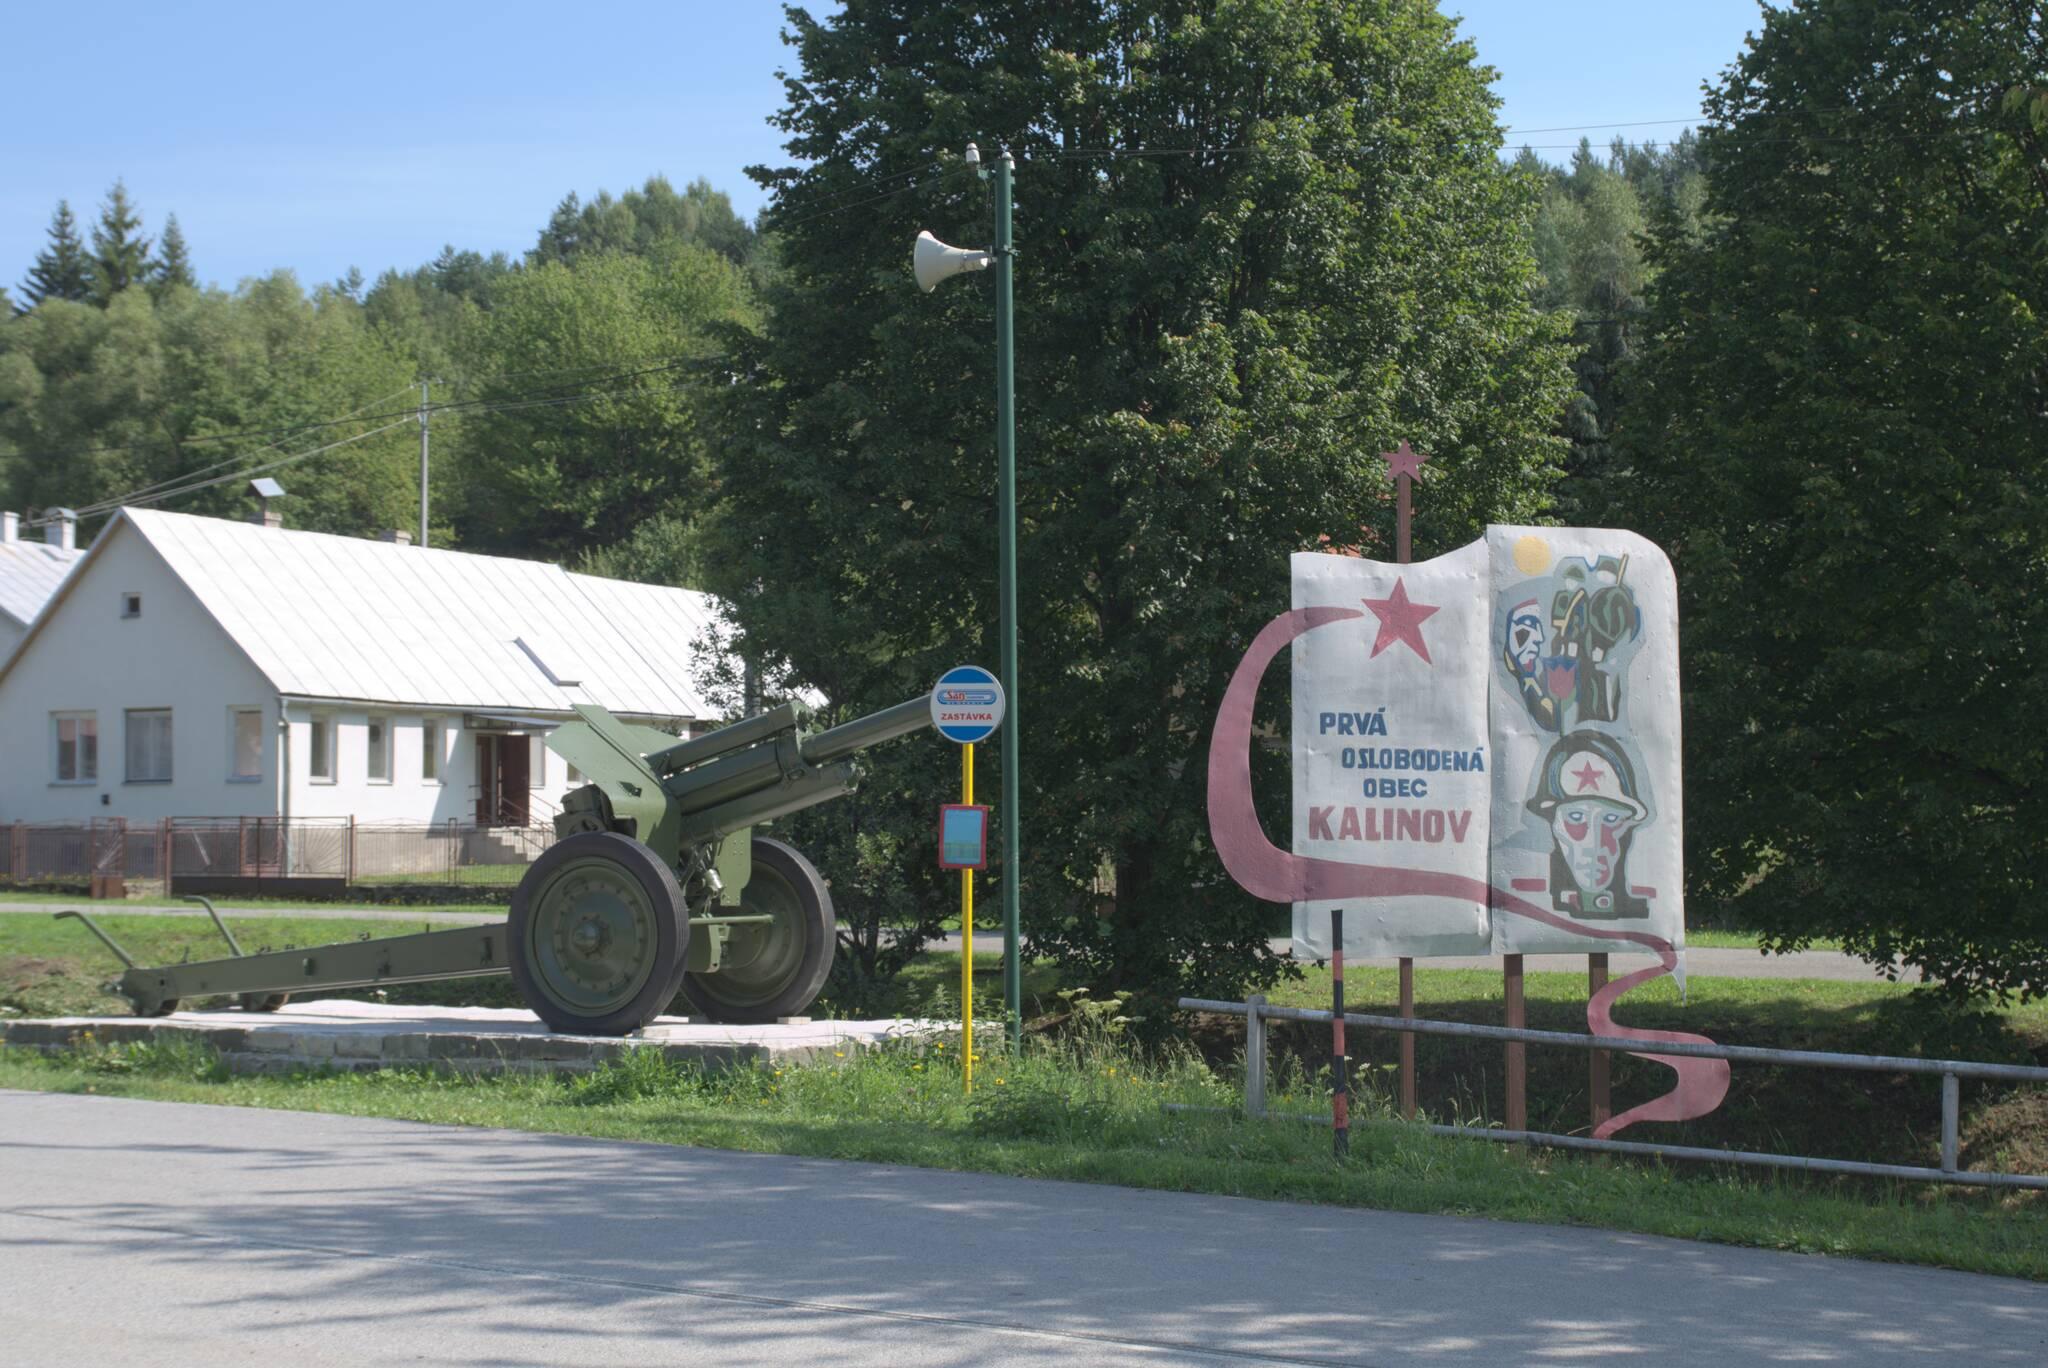 Wieś jest usiana ruskim złomem. Sporo czołgów i dział